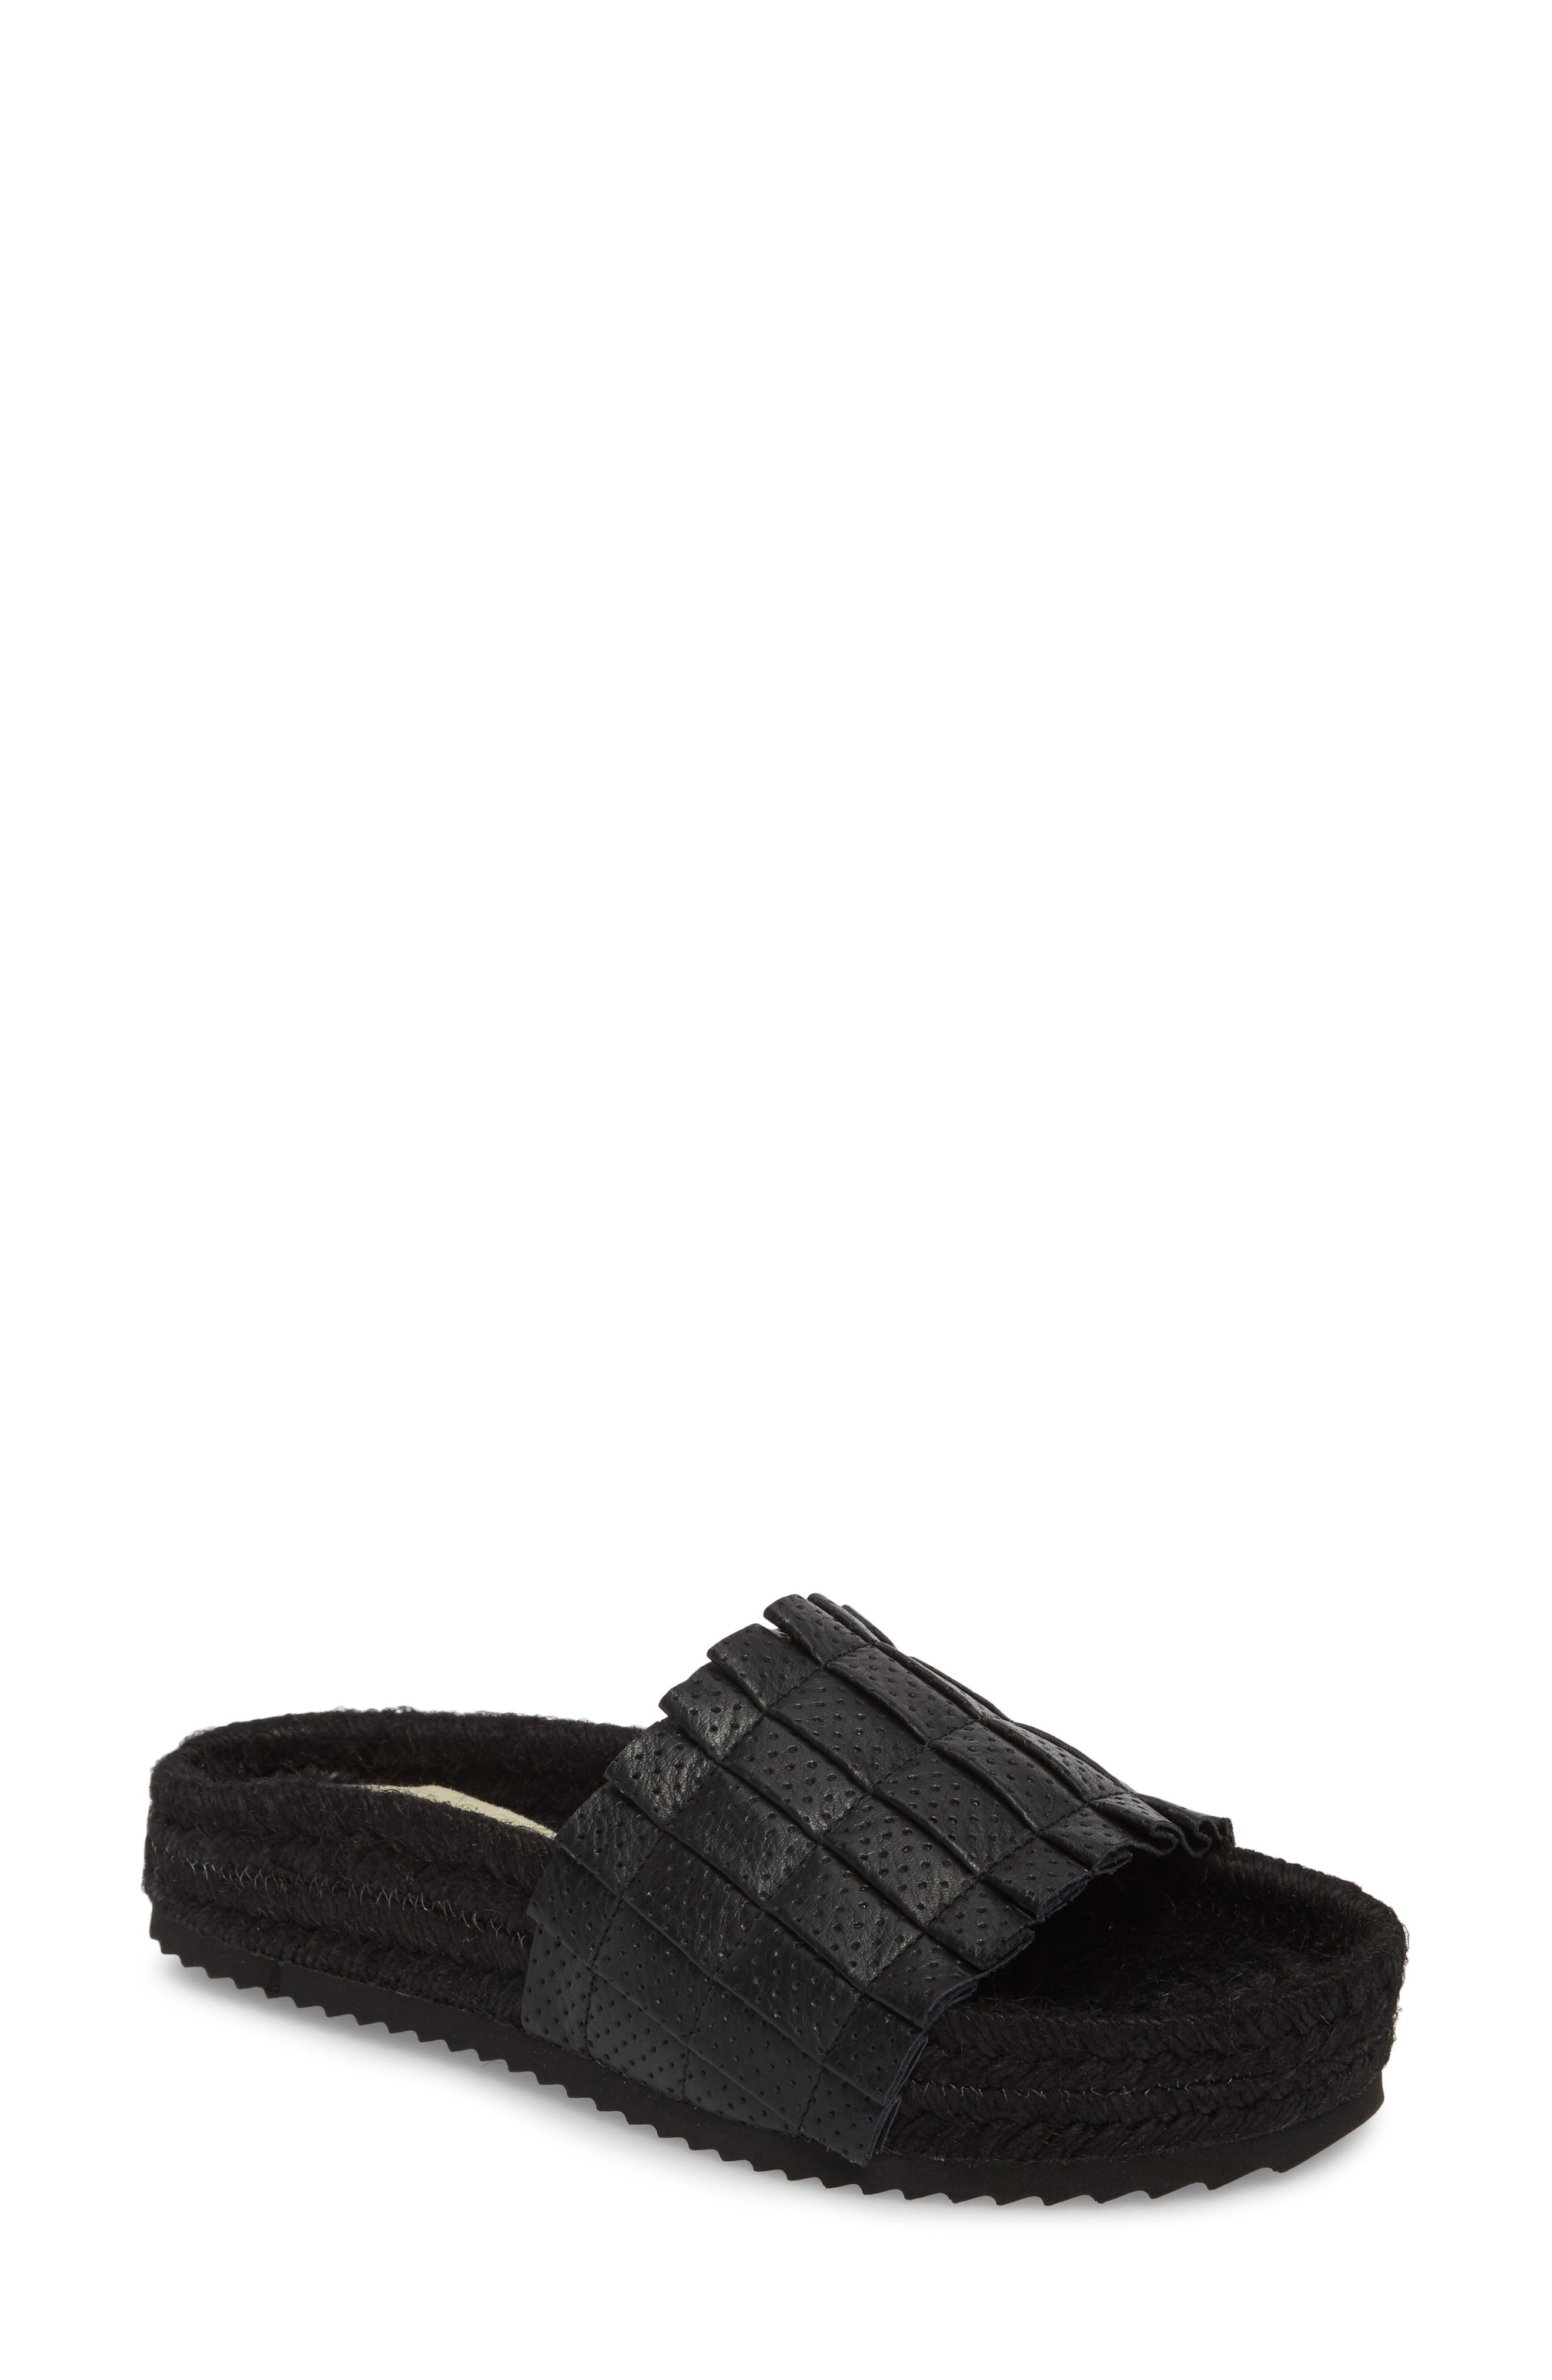 Island Time Espadrille Slide Sandal,                         Main,                         color, Black